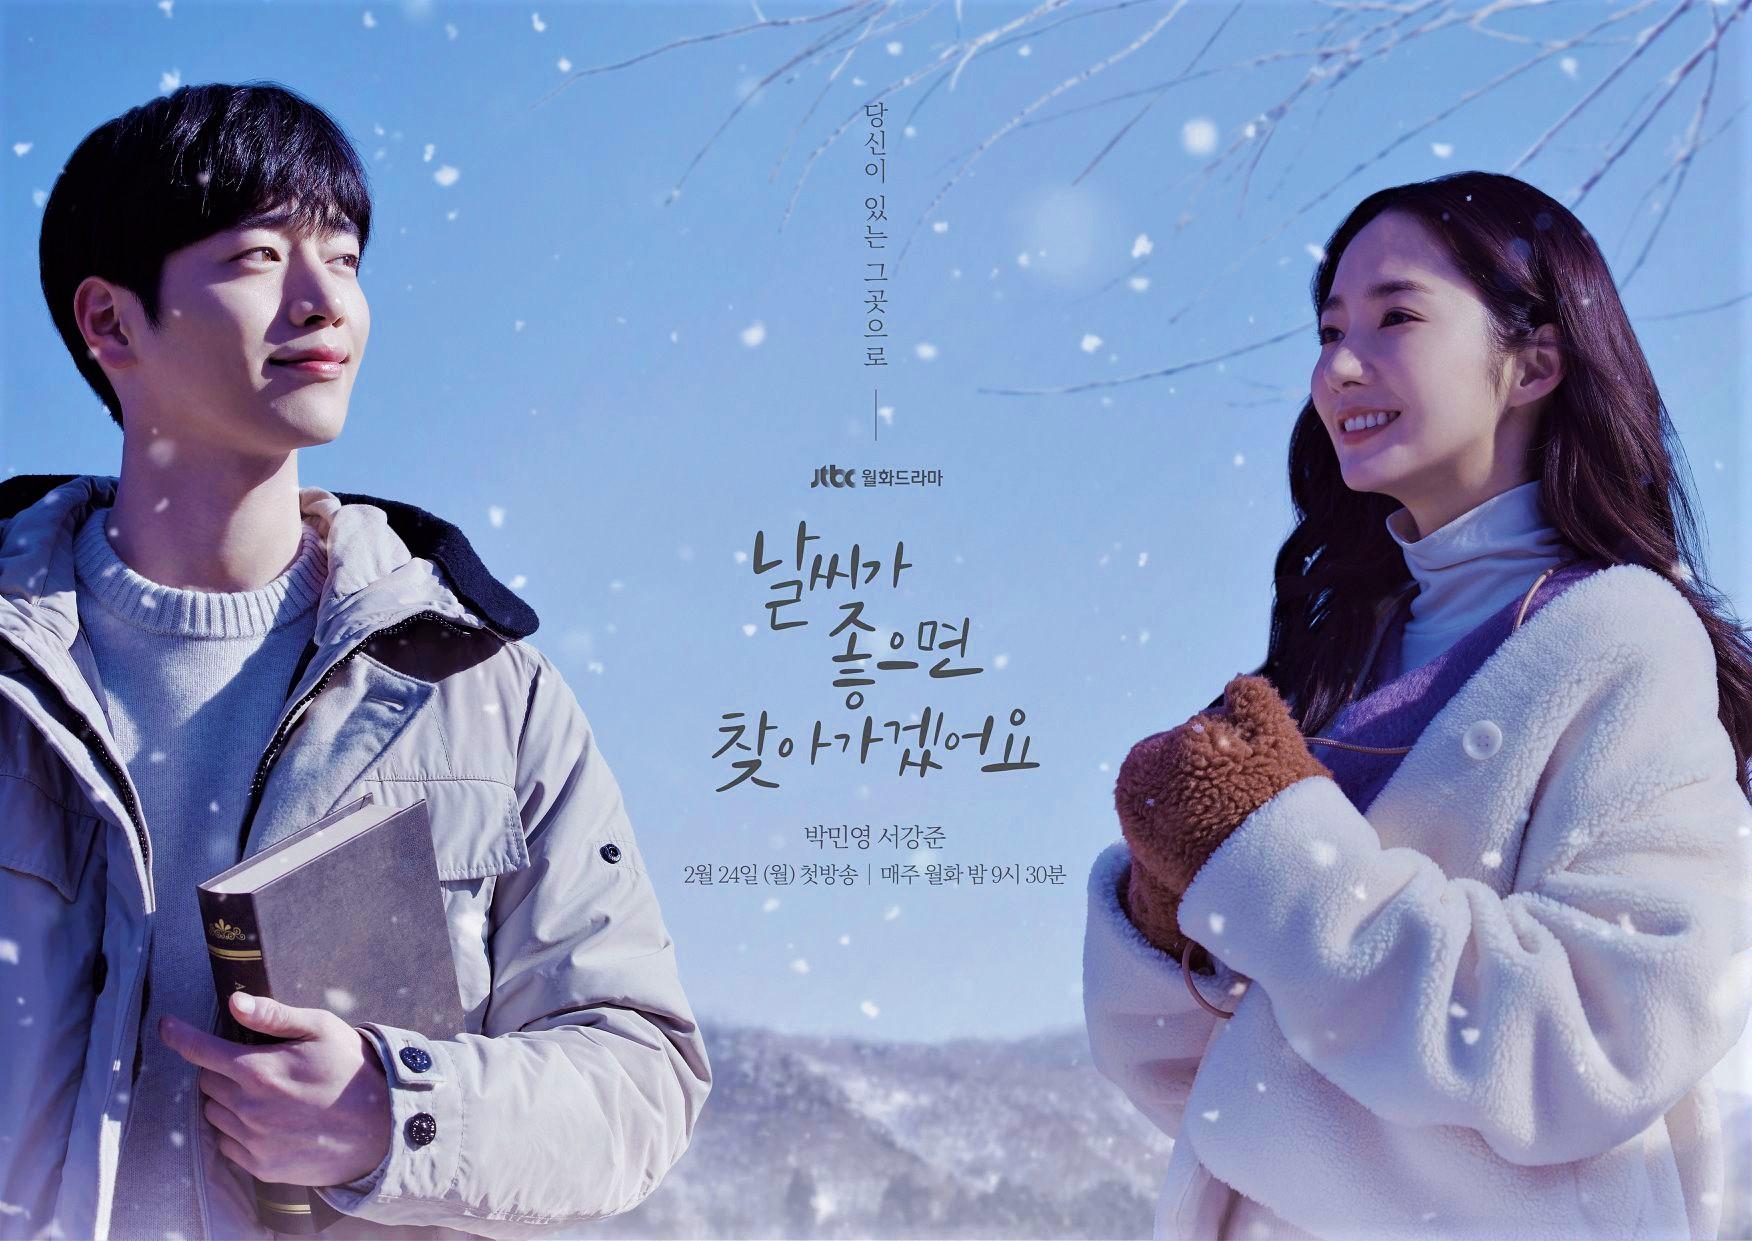 ซีรี่ส์เกาหลี] When the Weather Is Fine(2020) ใครได้ดูแล้วบ้าง - Pantip